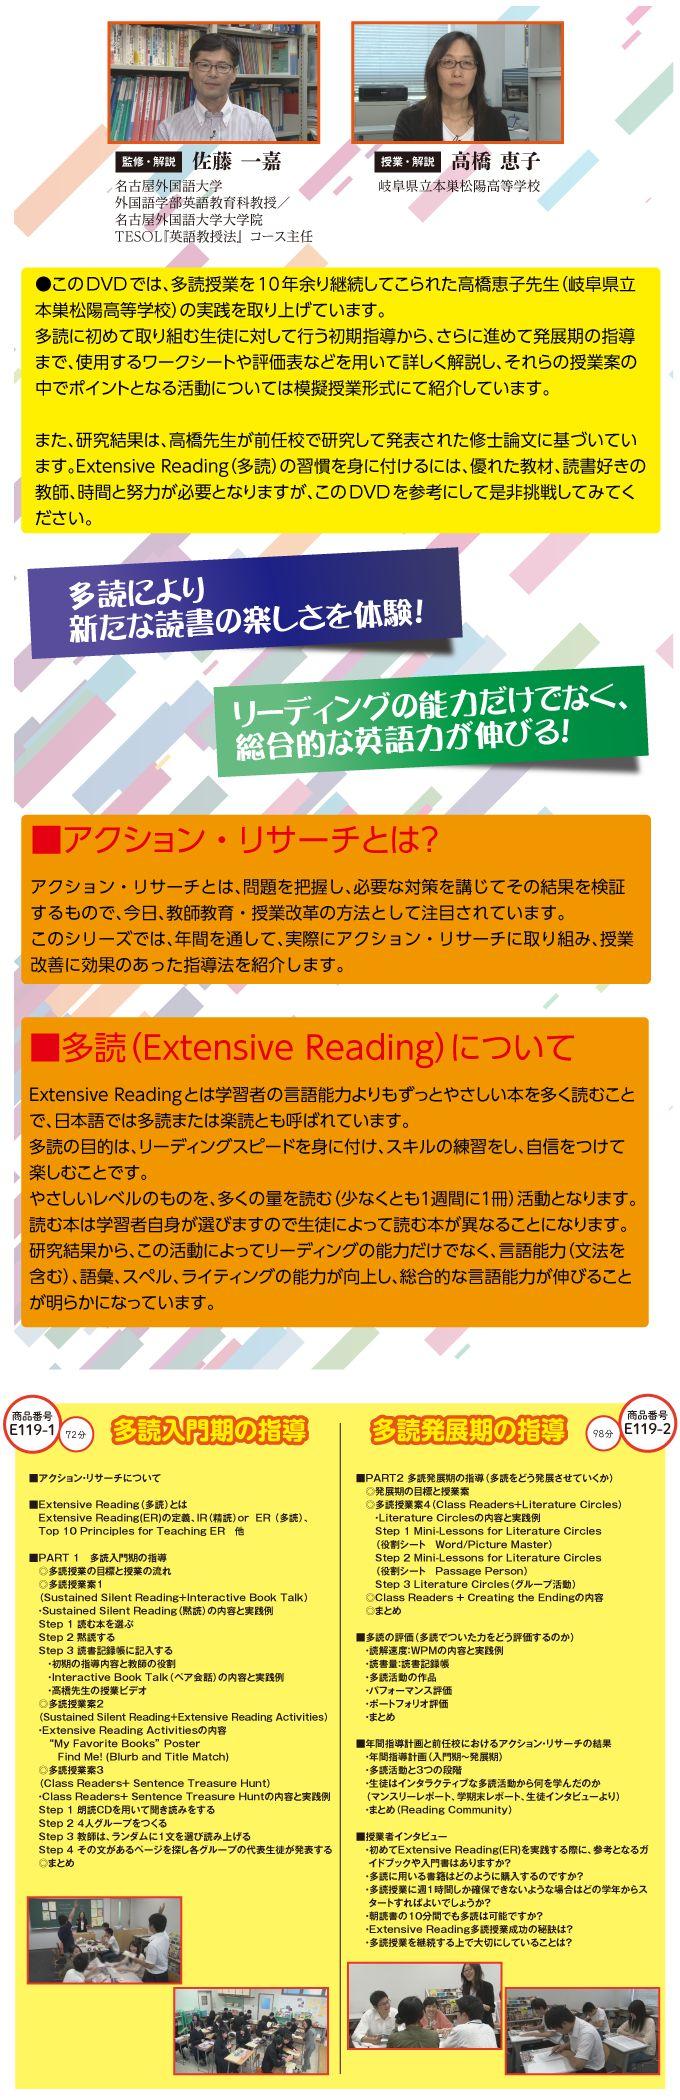 「多読」で深める英語授業の実践 〜Extensive Reading(ER)〜 佐藤 一嘉